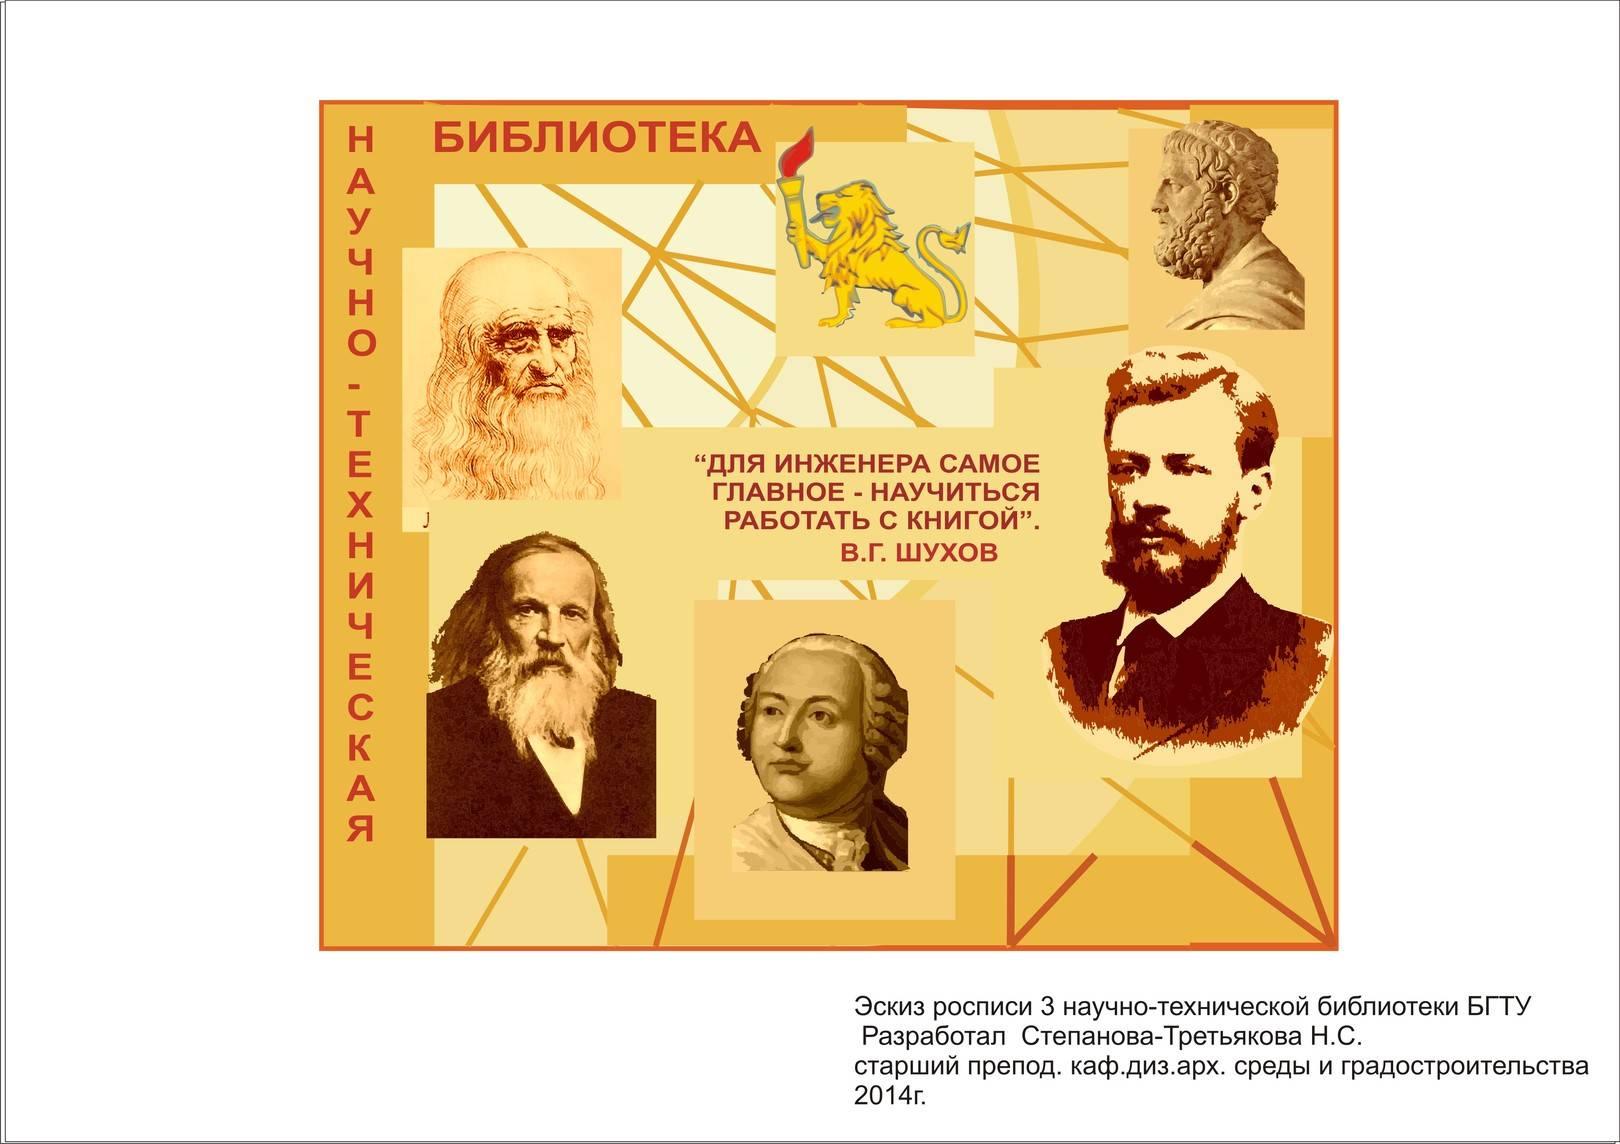 Стена библиотеки БГТУ им. В.Г. Шухова